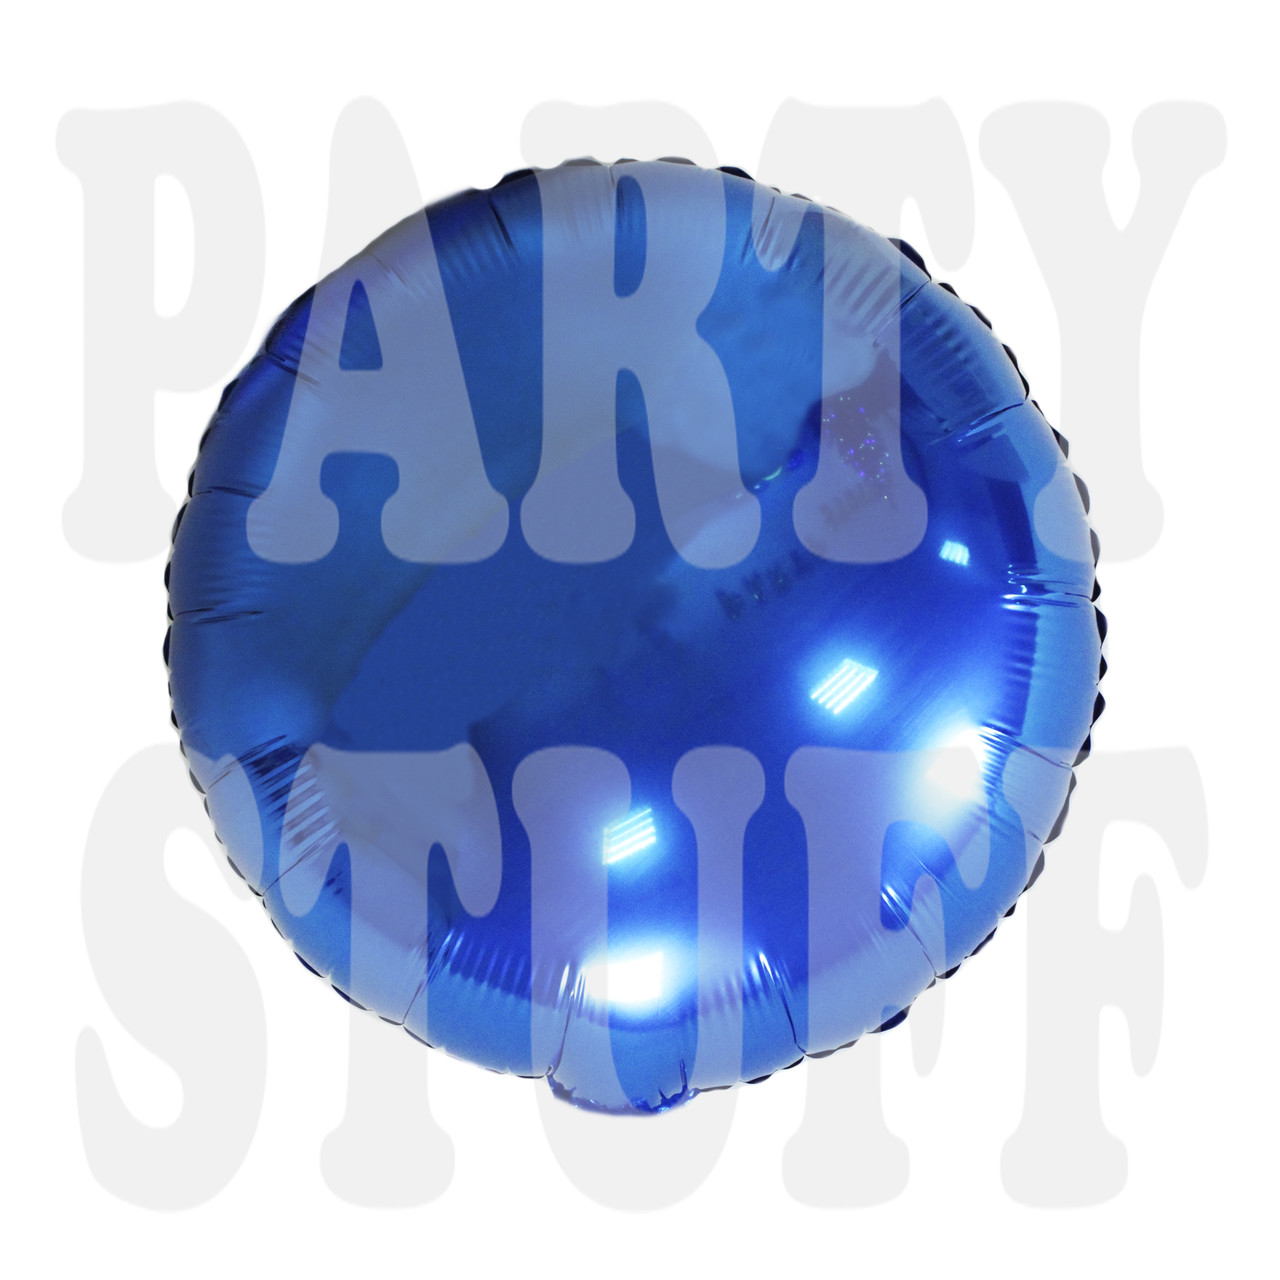 Шар круглый фольгированный Королевский синий, 45*45 см